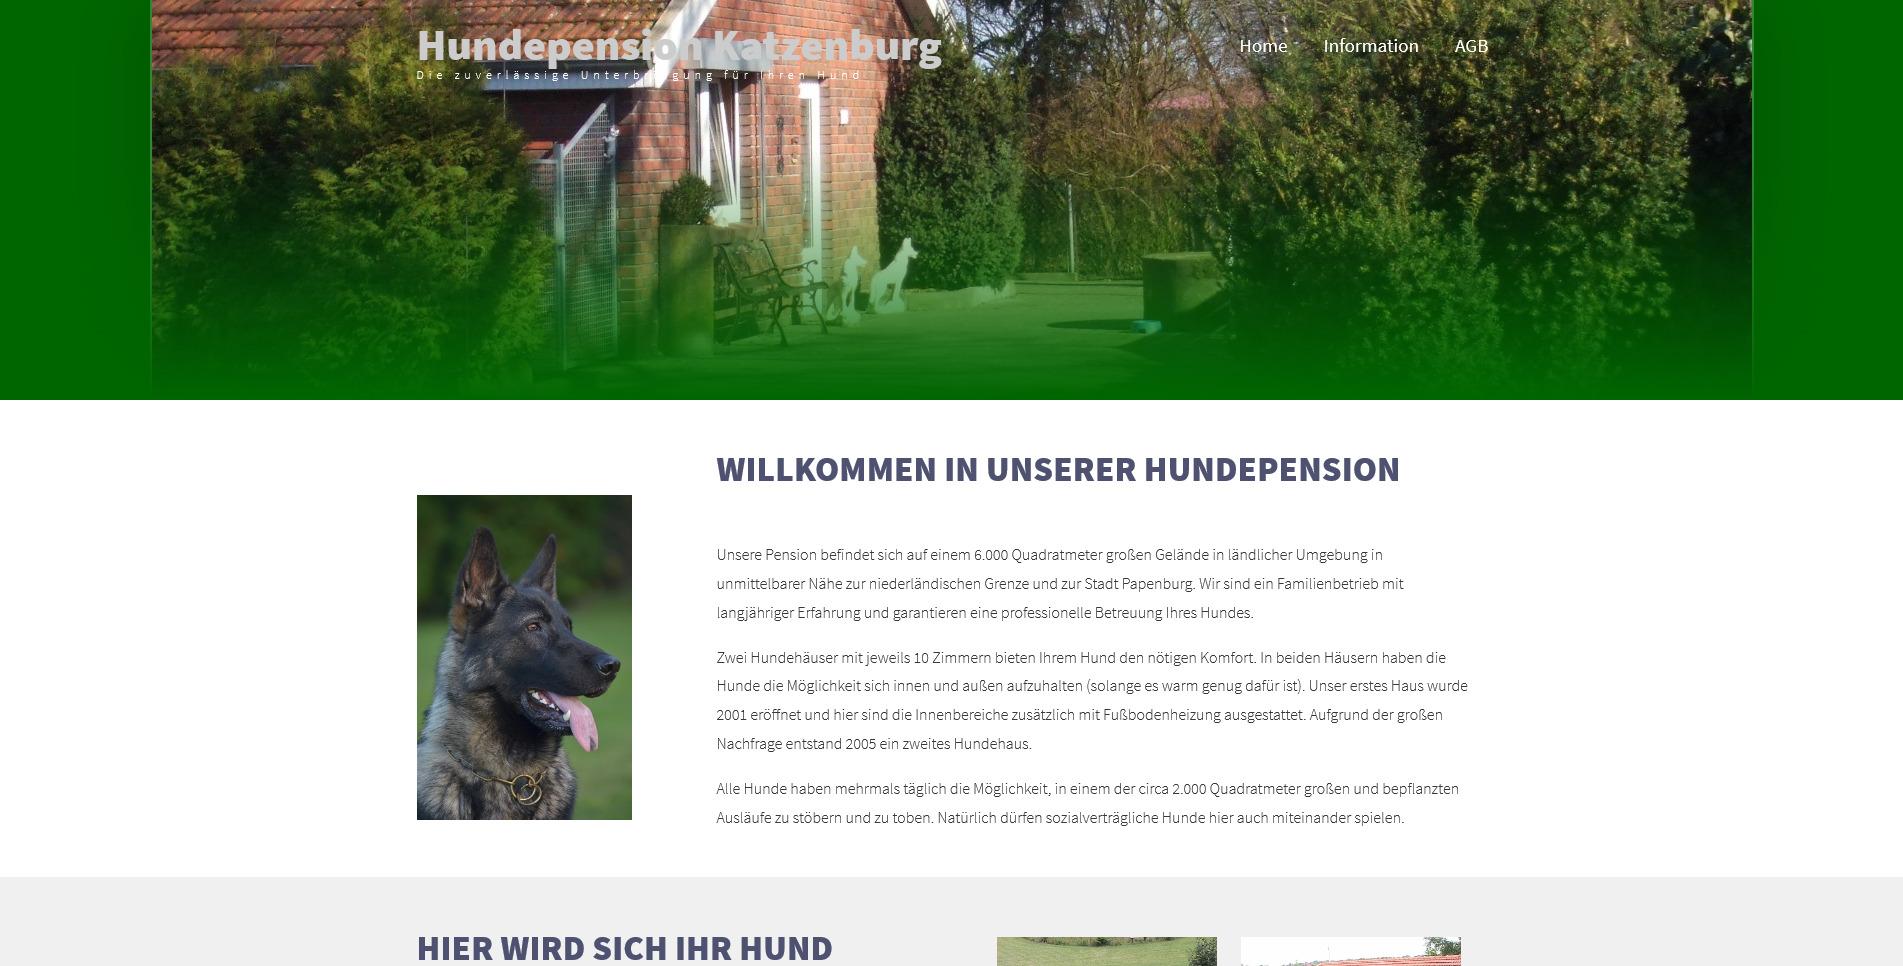 Hundepension Katzenburg